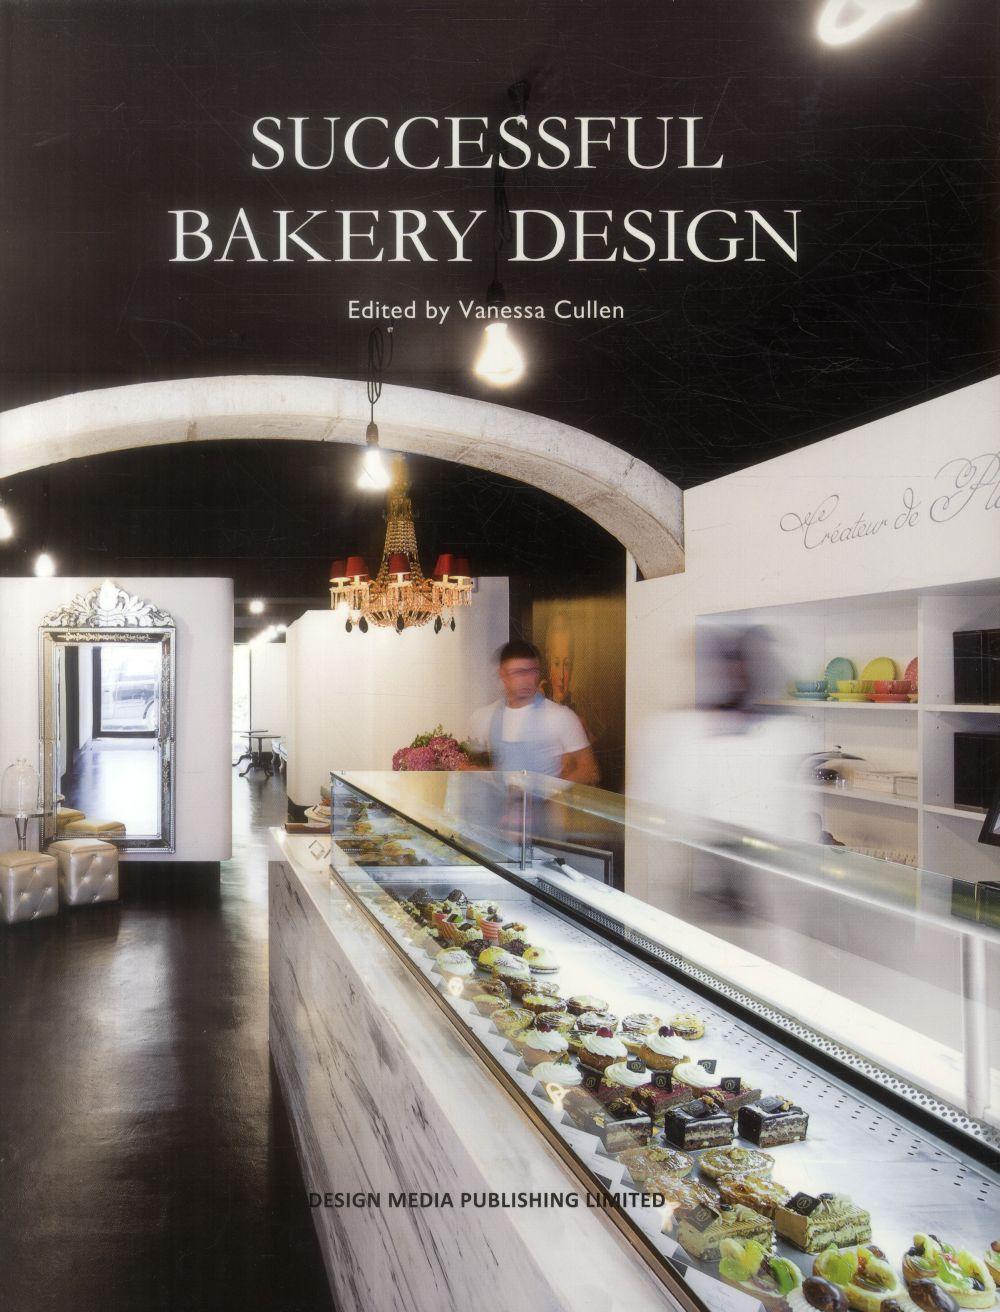 SUCCESSFUL BAKERY DESIGN